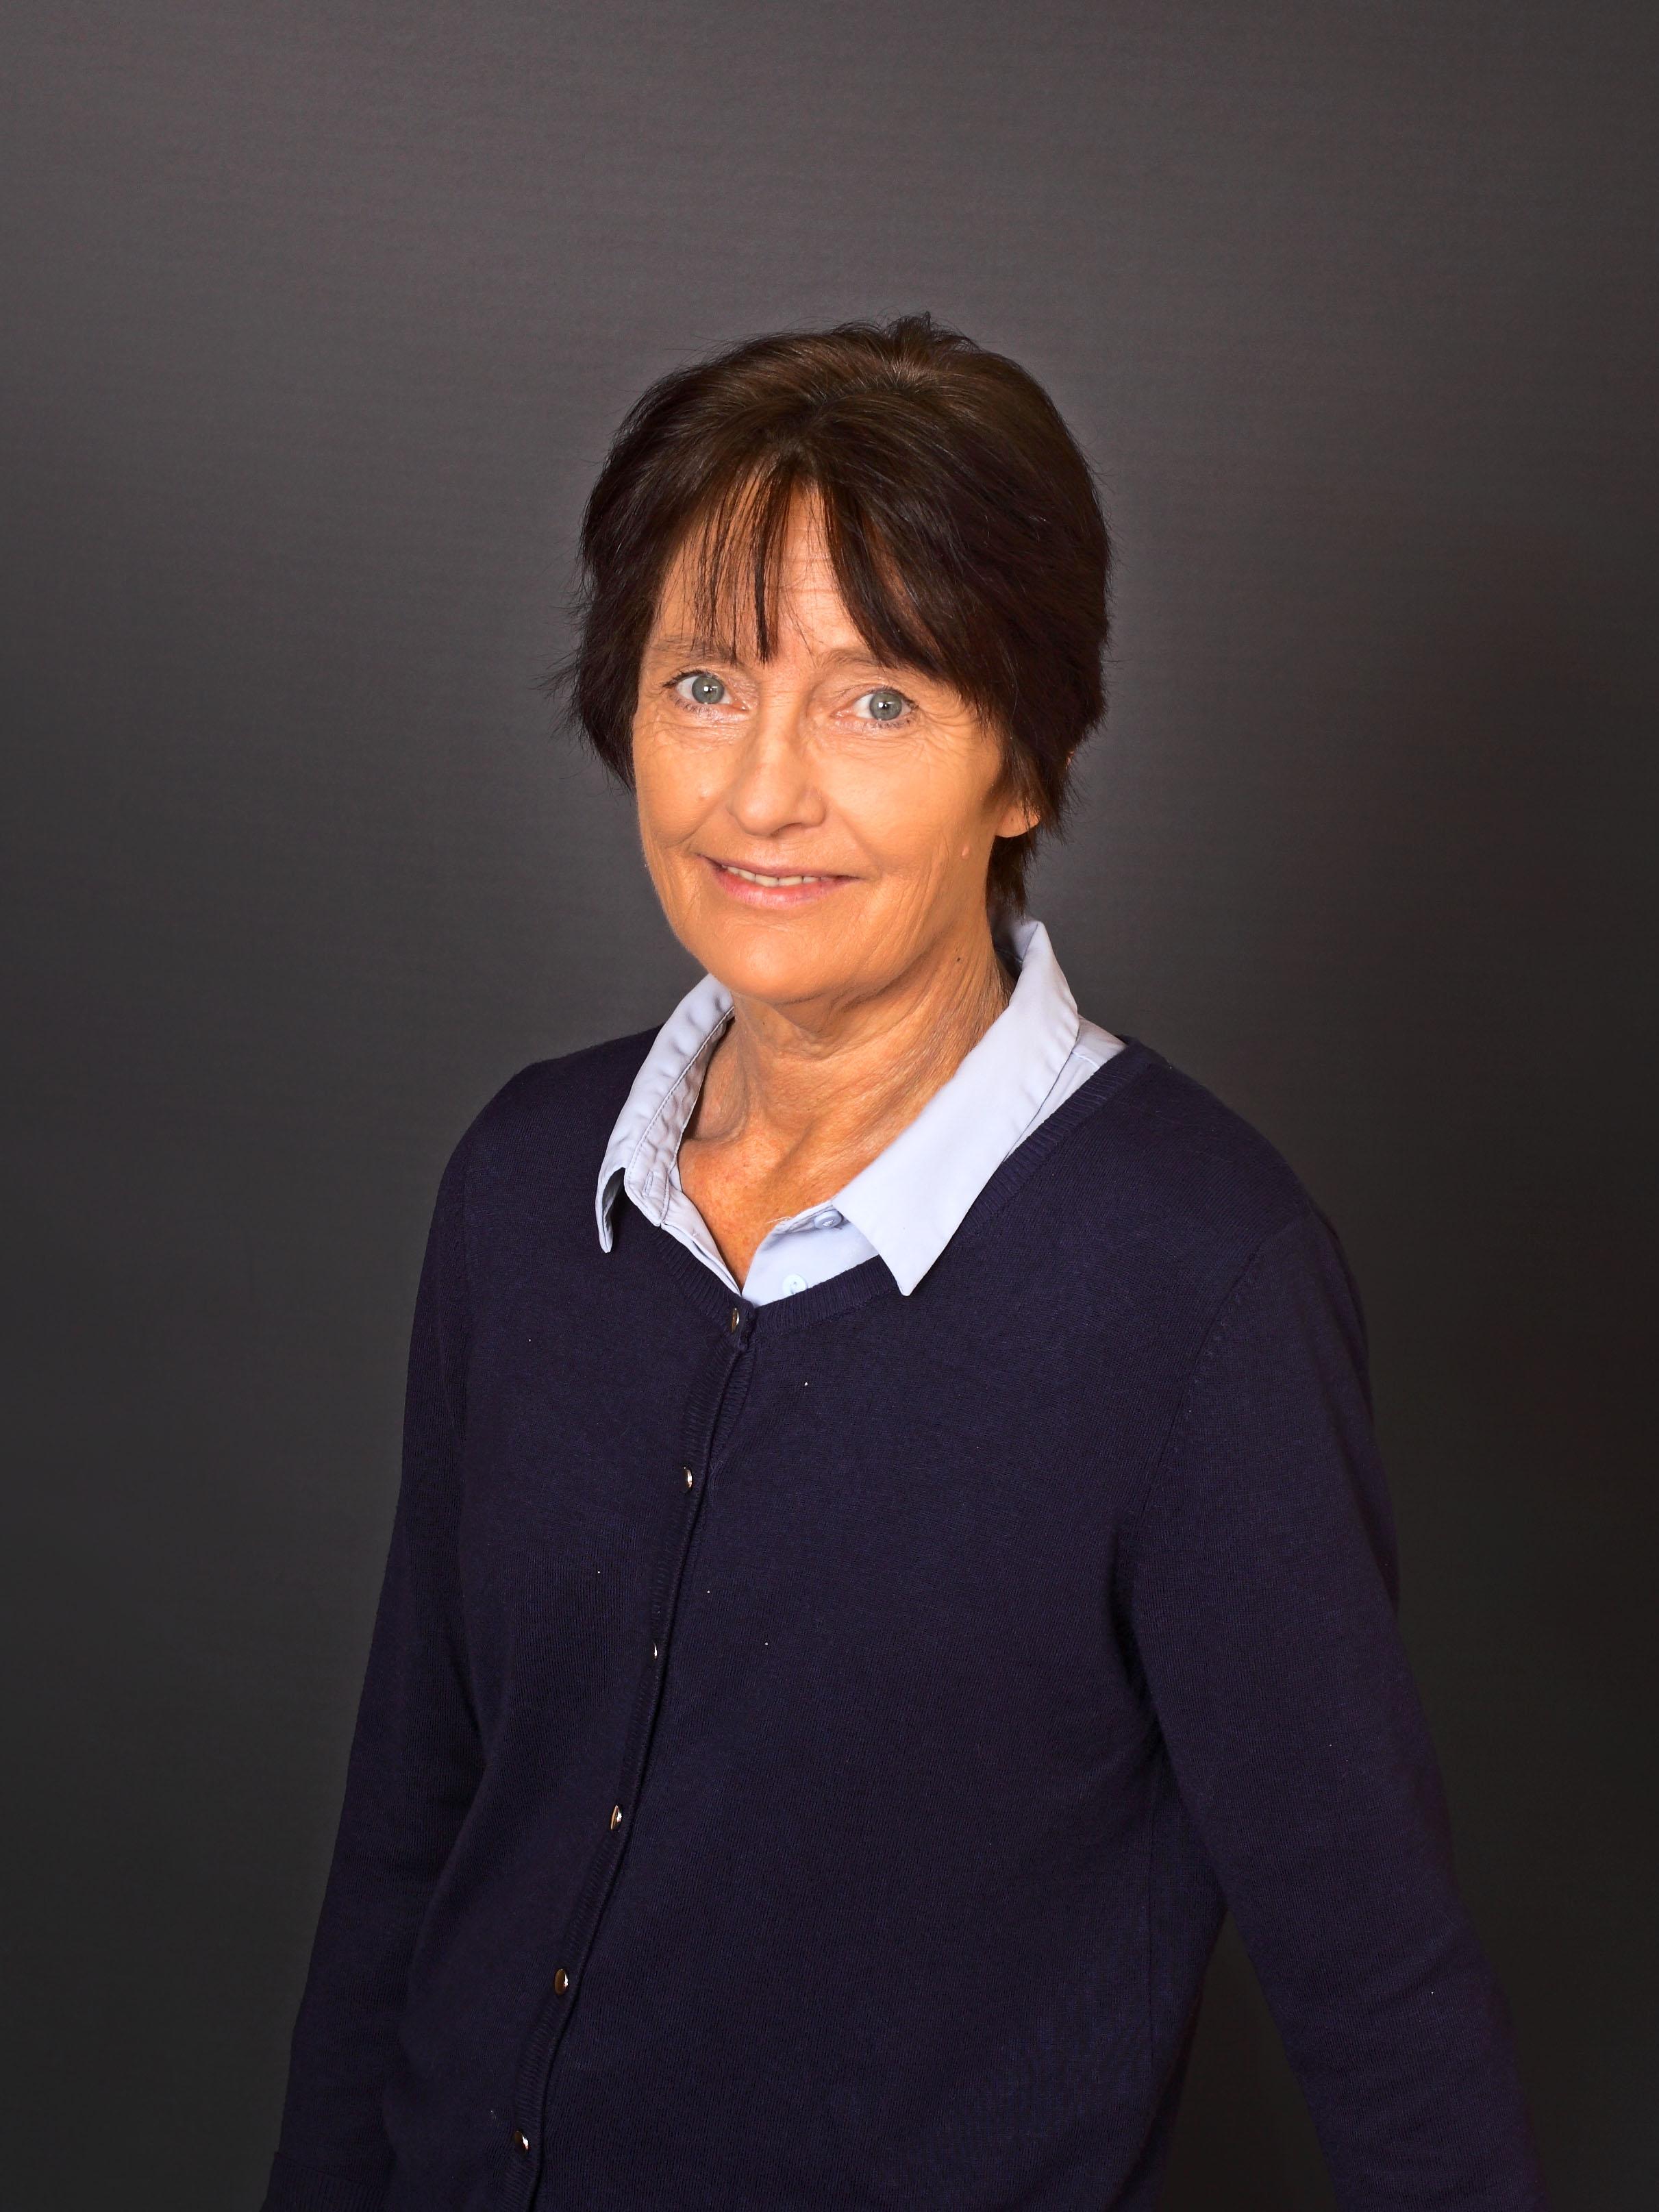 Lucinda Cregan